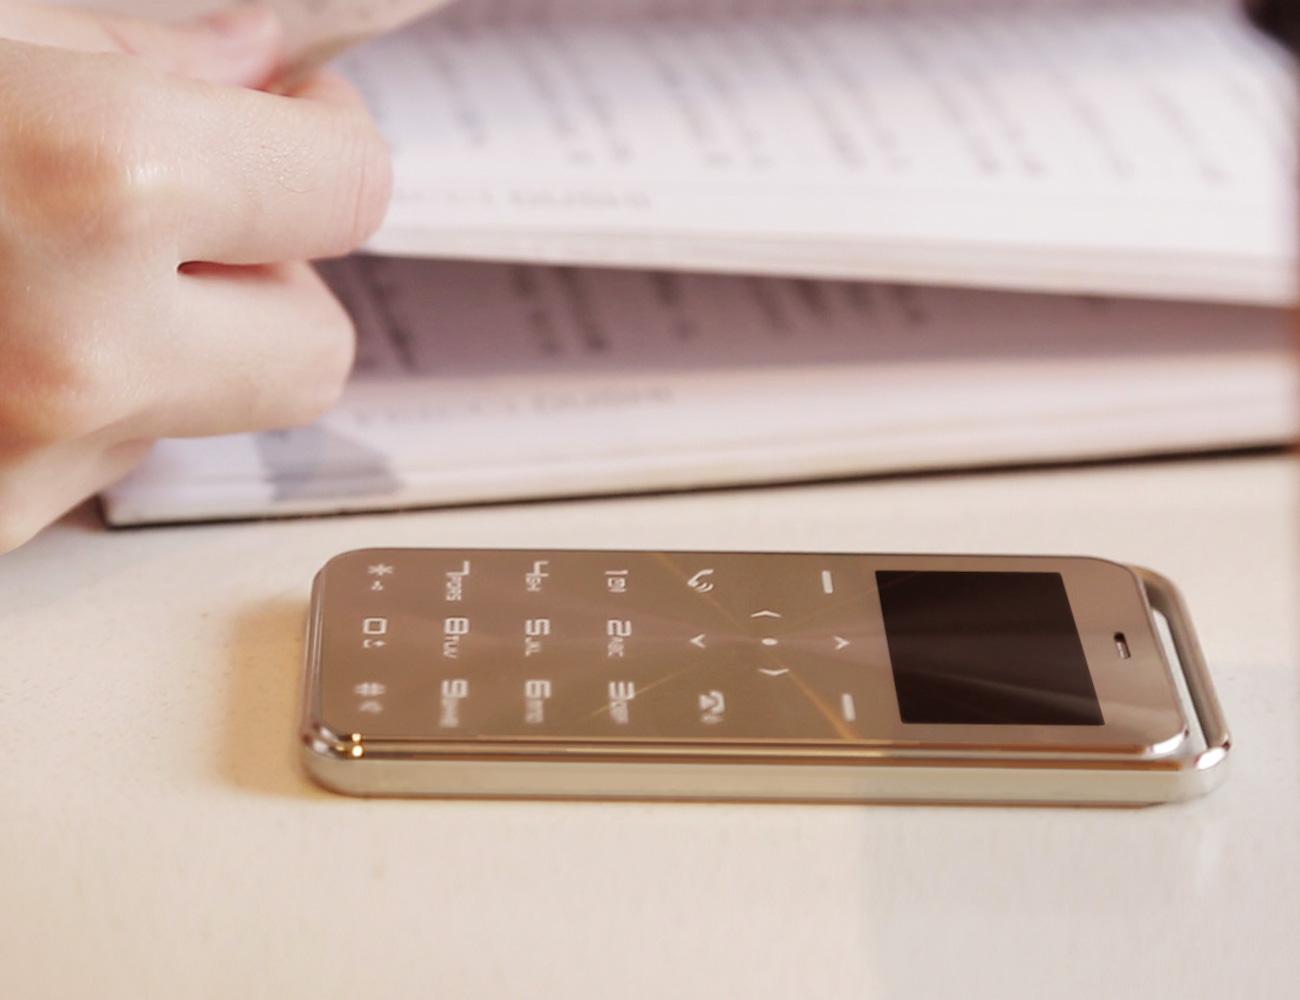 cphone-02